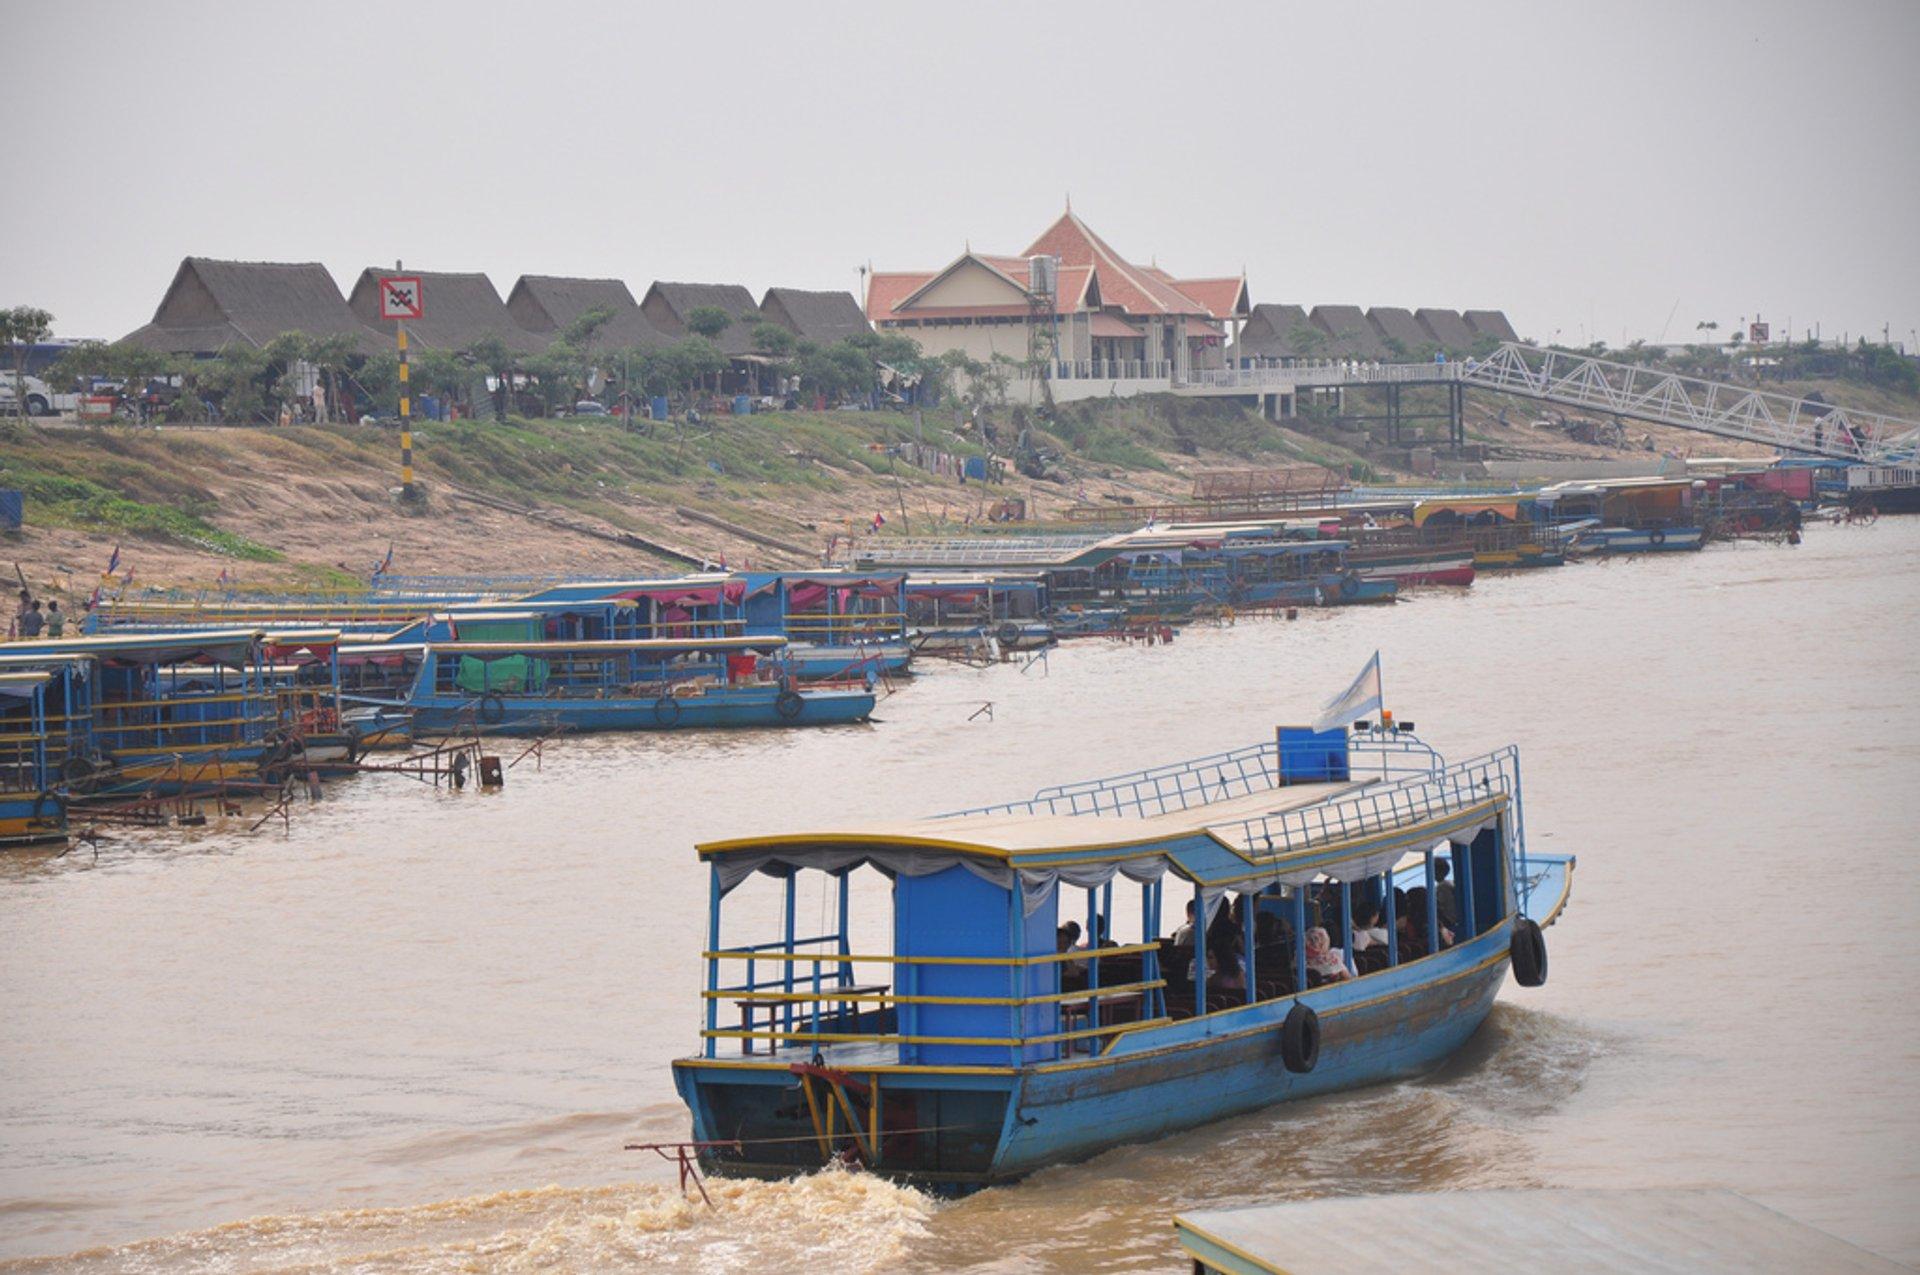 Tonlé Sap Floating Village 2019